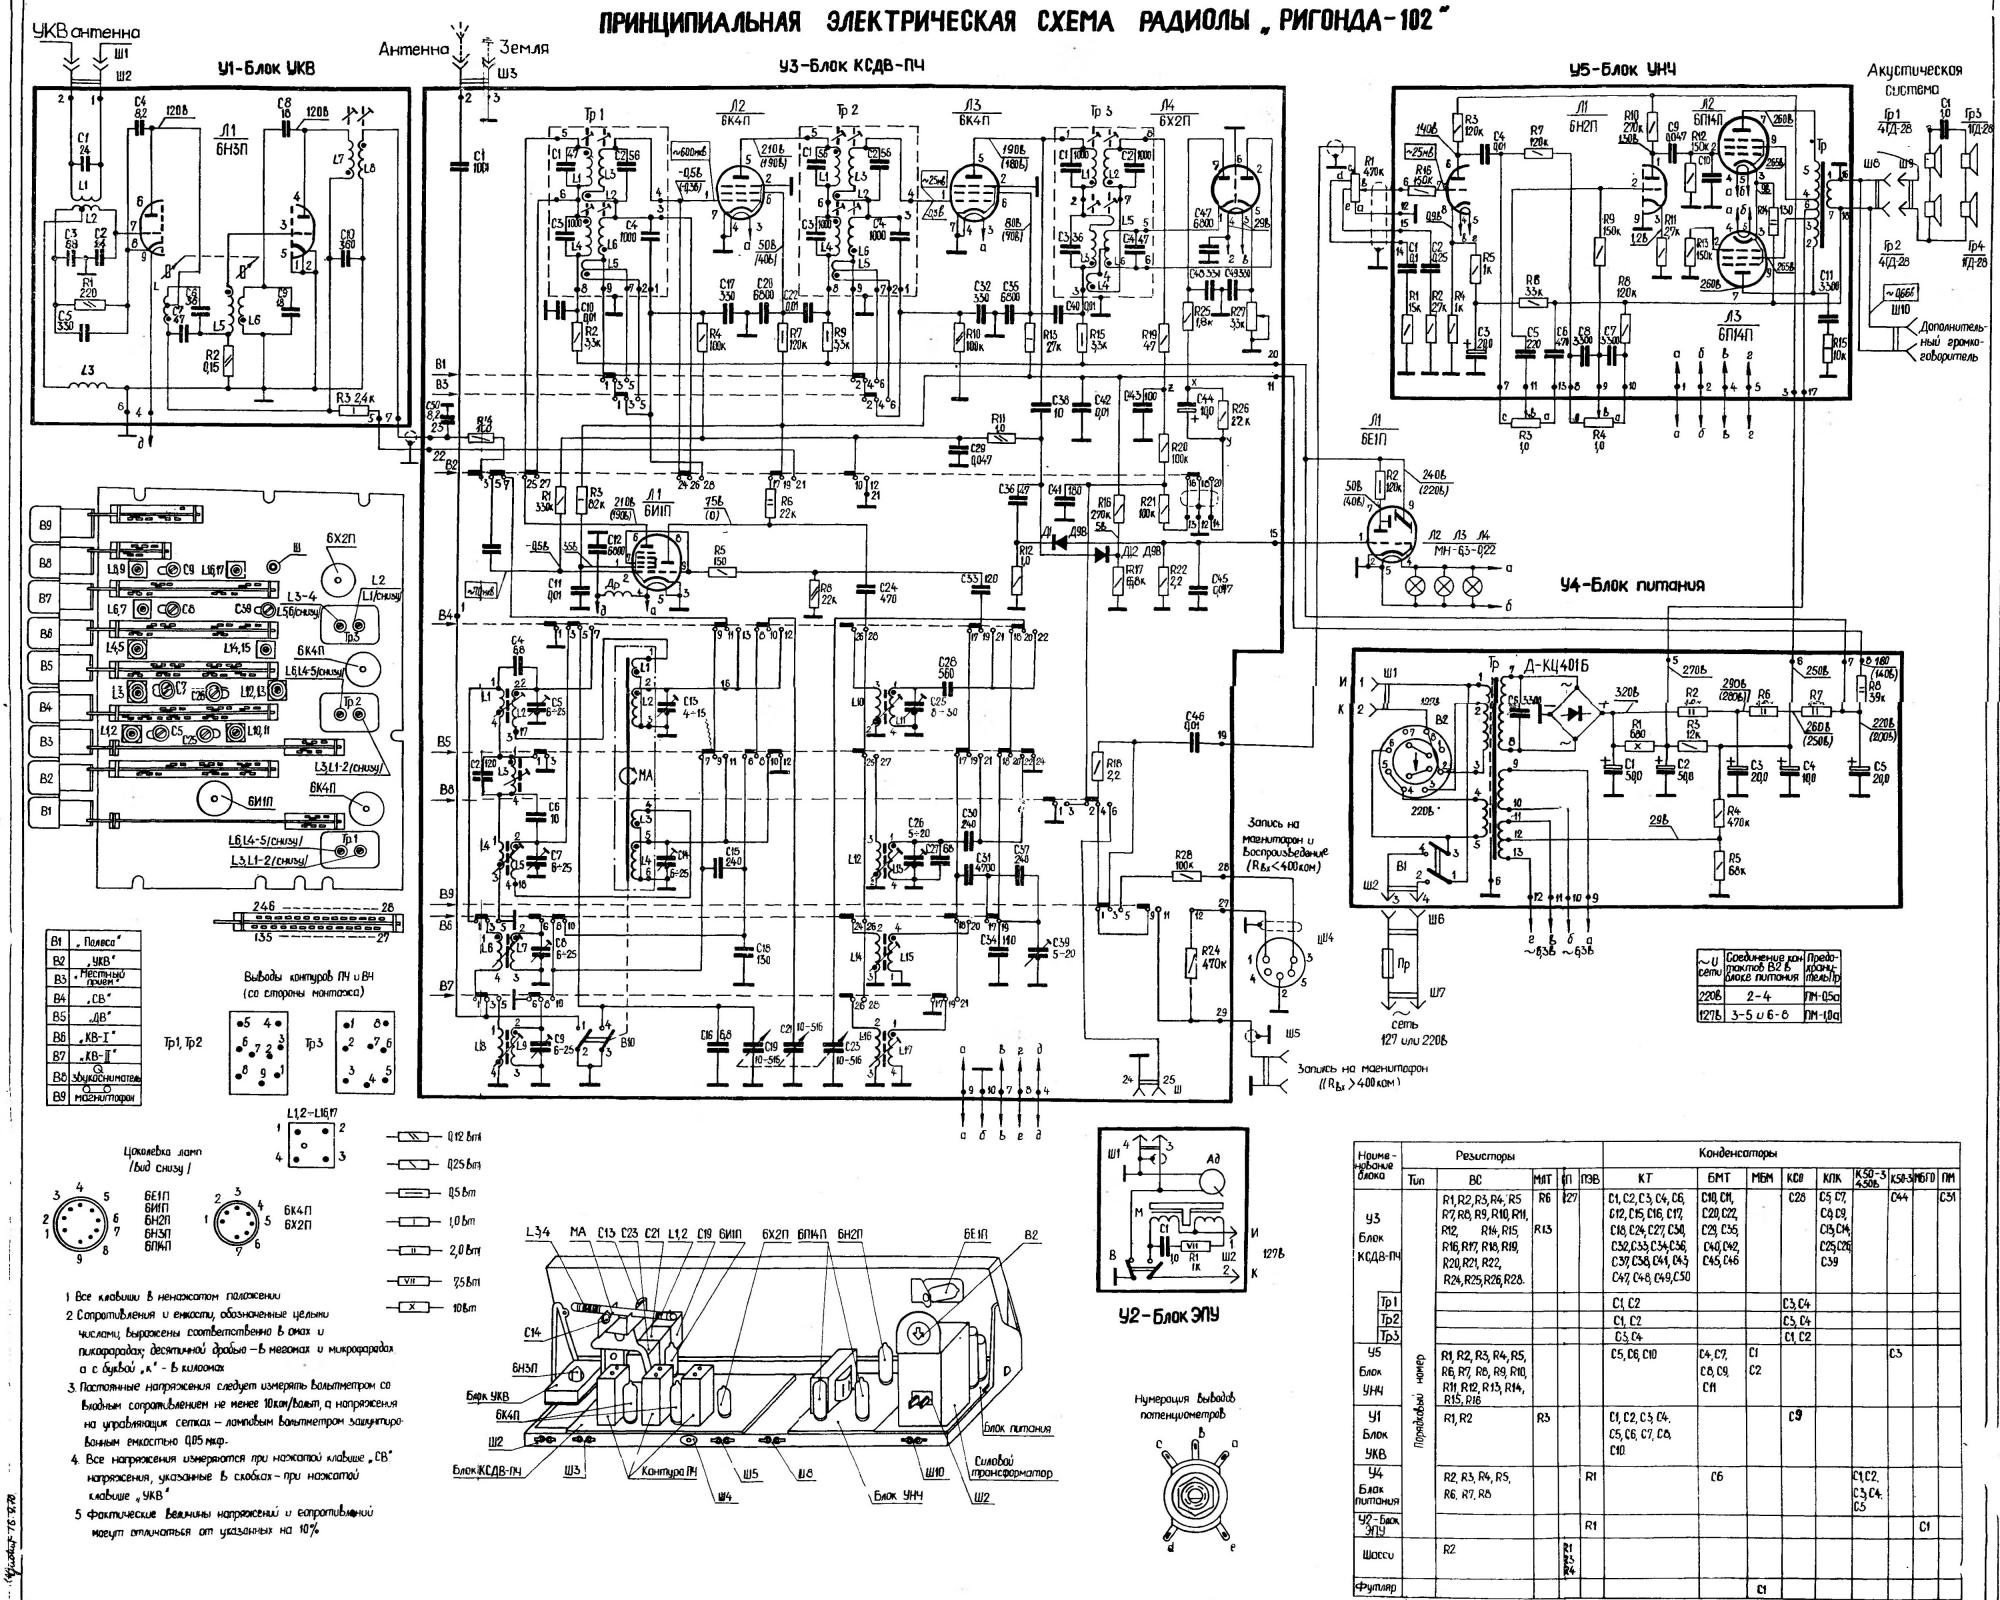 Радиола ригонда 102 стерео схема